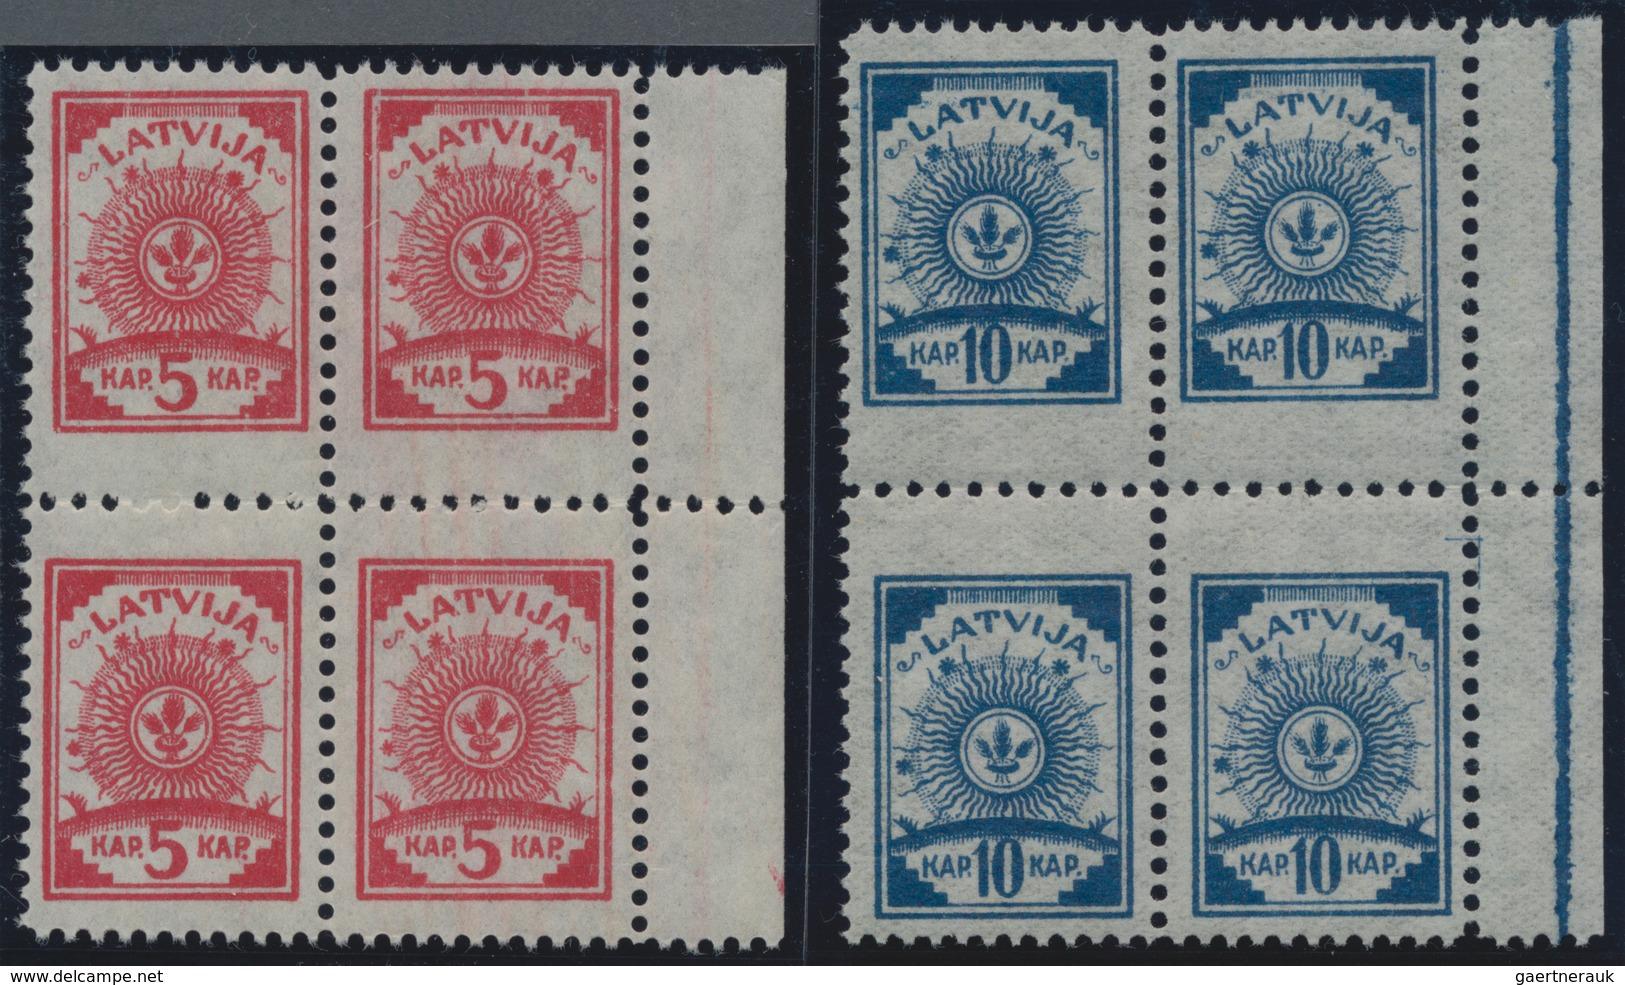 Lettland: 1919, Freimarken-Symbolic, Postfrische Luxus-Serie Mit Seltenem Mittelzhg.9 3/4, Handbuch - Lettland